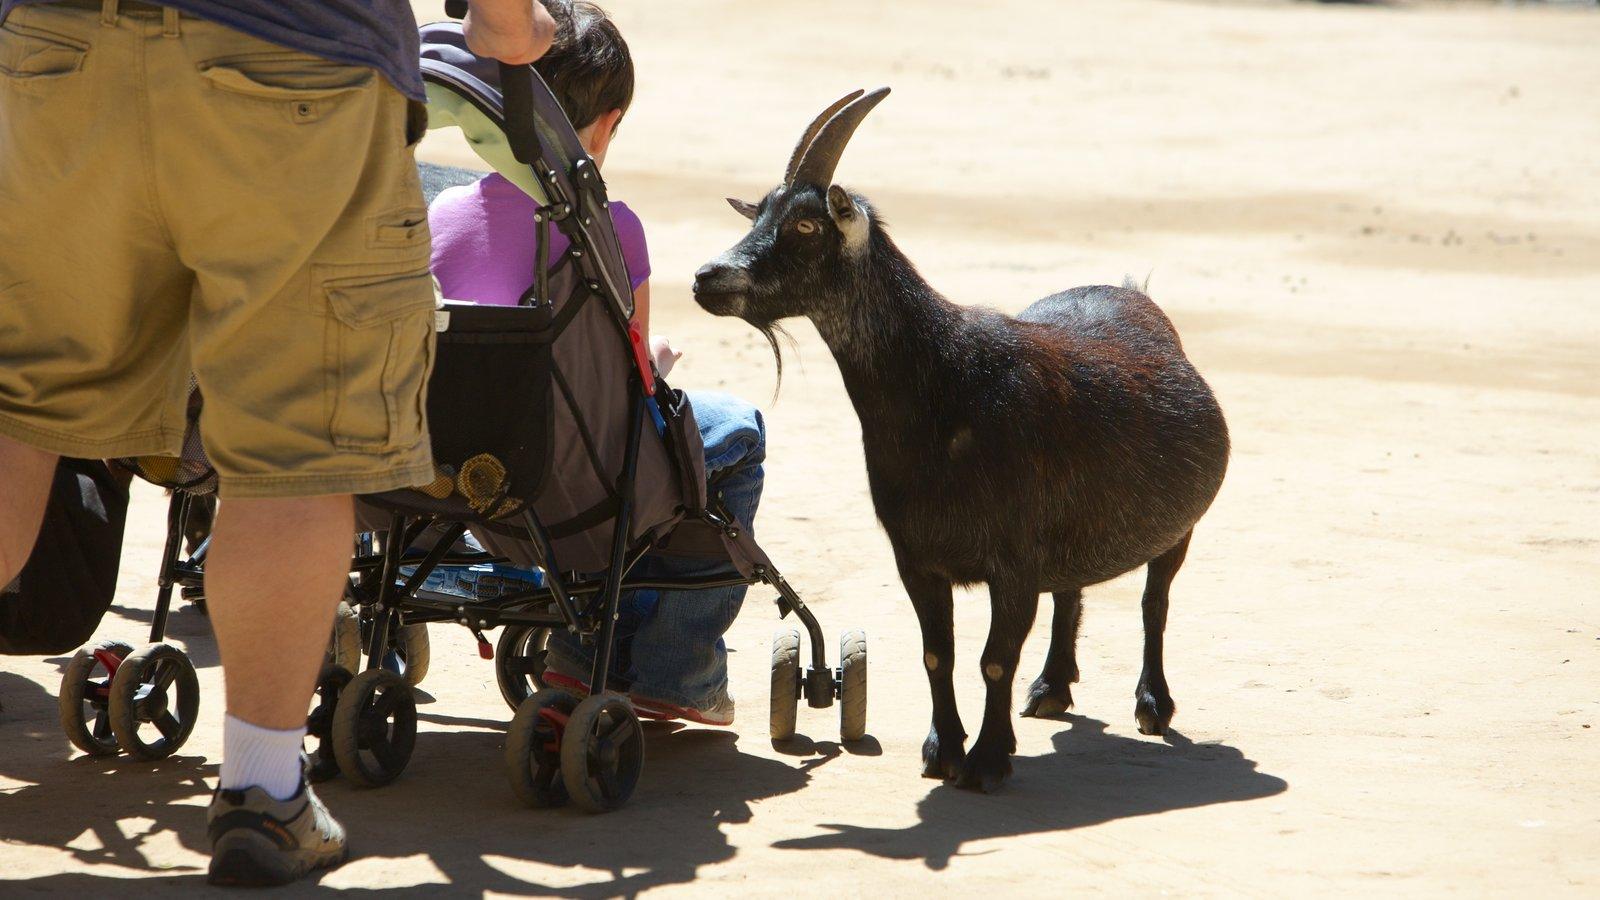 West Coast Game Park Safari que inclui animais de zoológico e animais fofos ou amigáveis assim como uma família